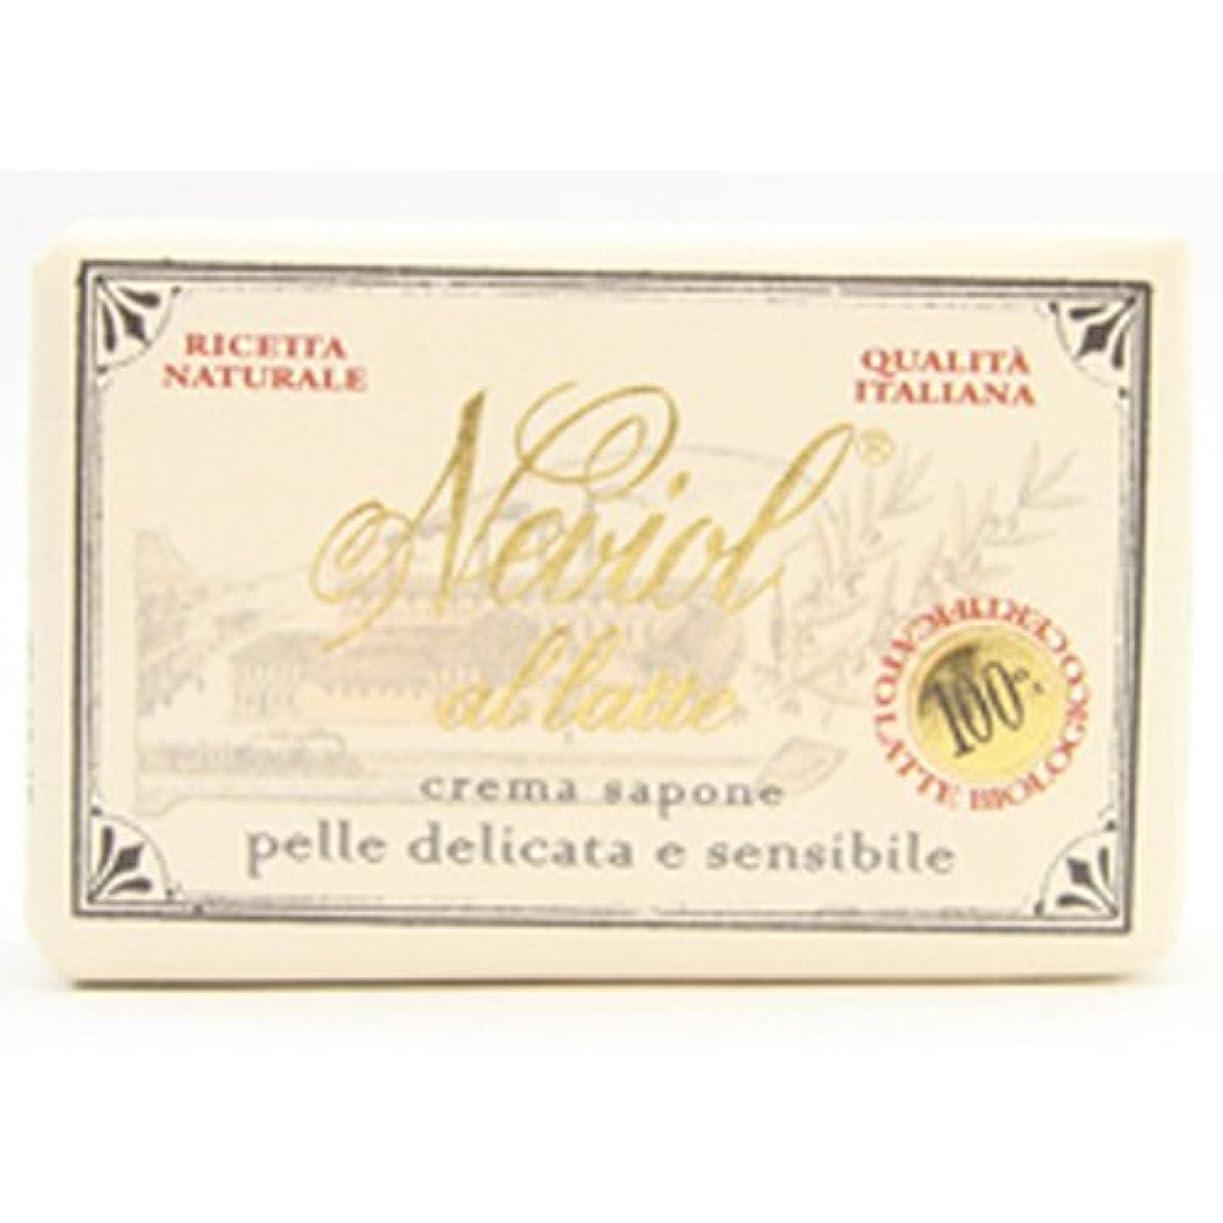 メディア到着する対応するSaponerire Fissi  サポネリーフィッシー milk baby soap ミルク ベビー ソープ 150g cream sapone